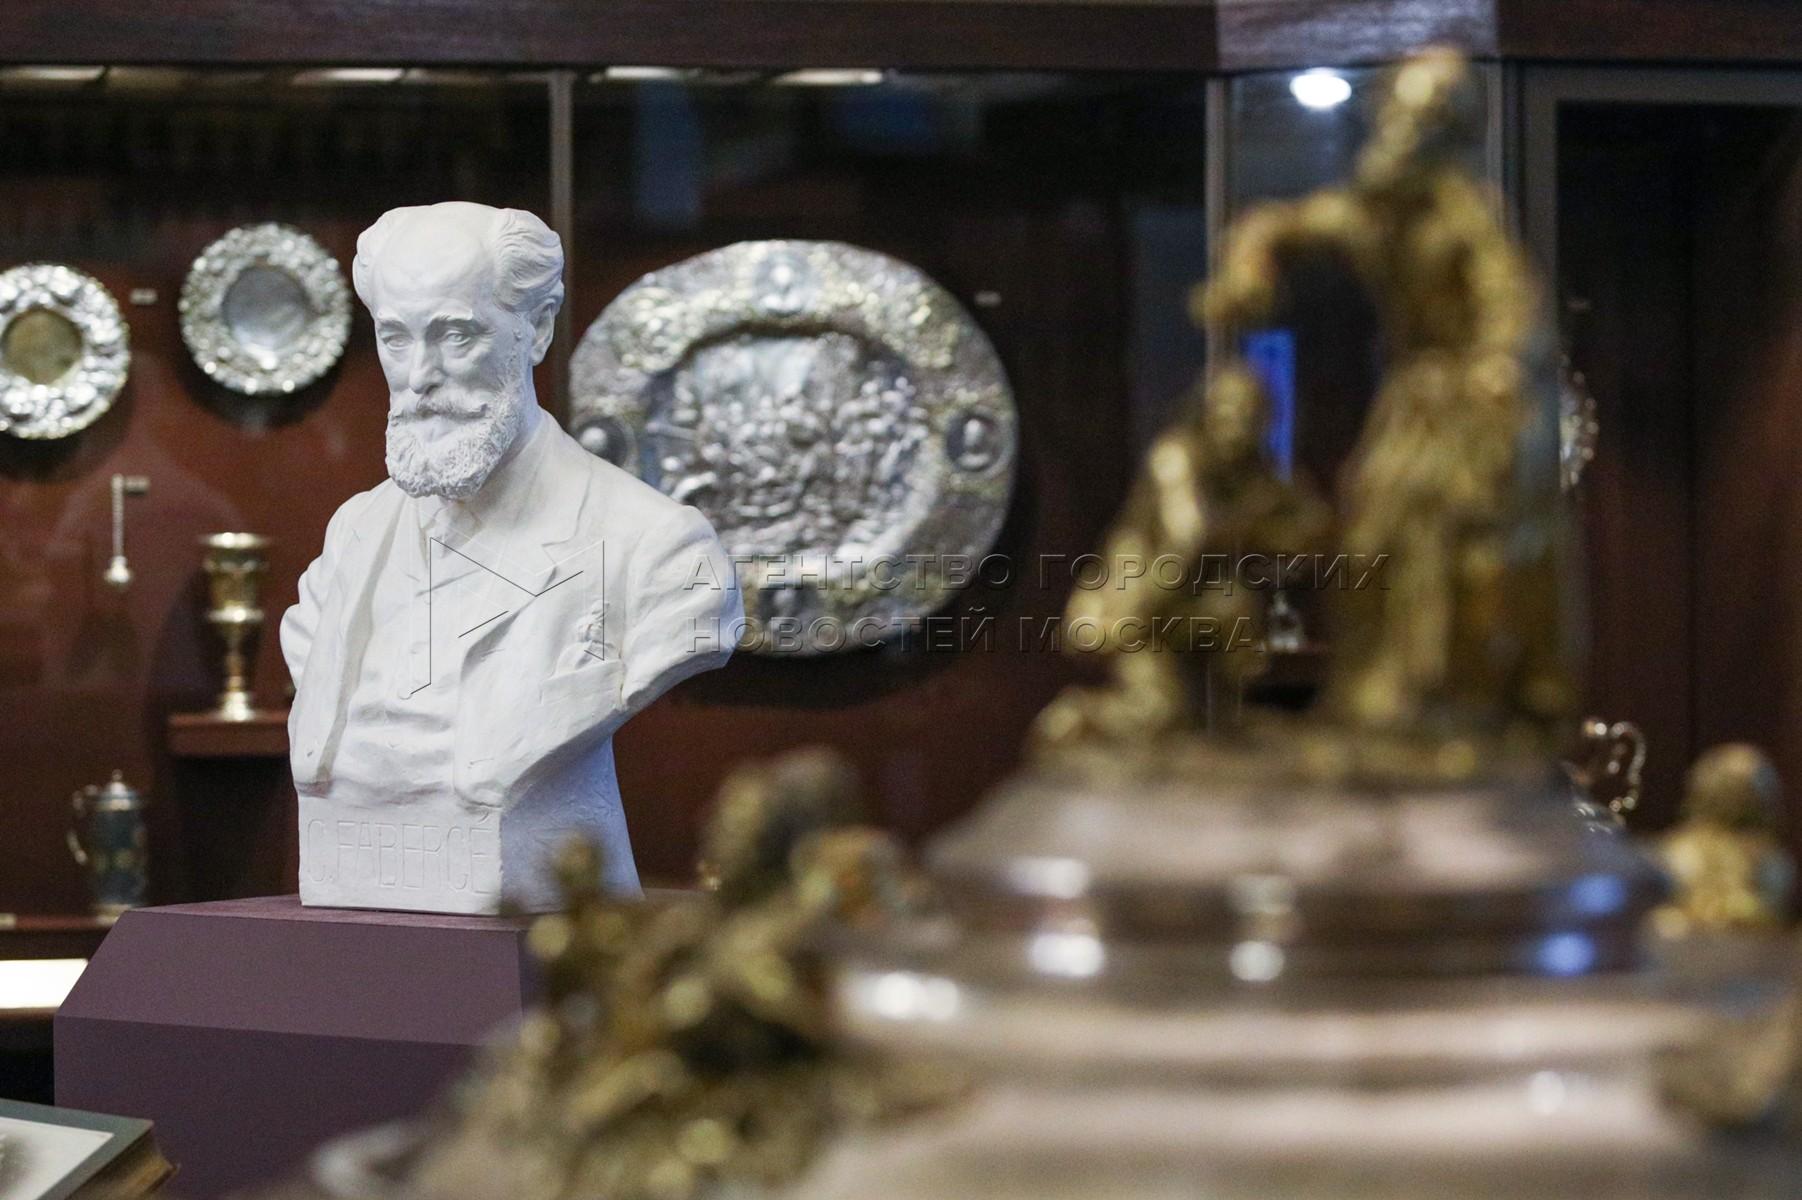 Пресс-конференция на тему передачи Музеям Московского Кремля архива семьи мастеров ювелирного искусства Фаберже.